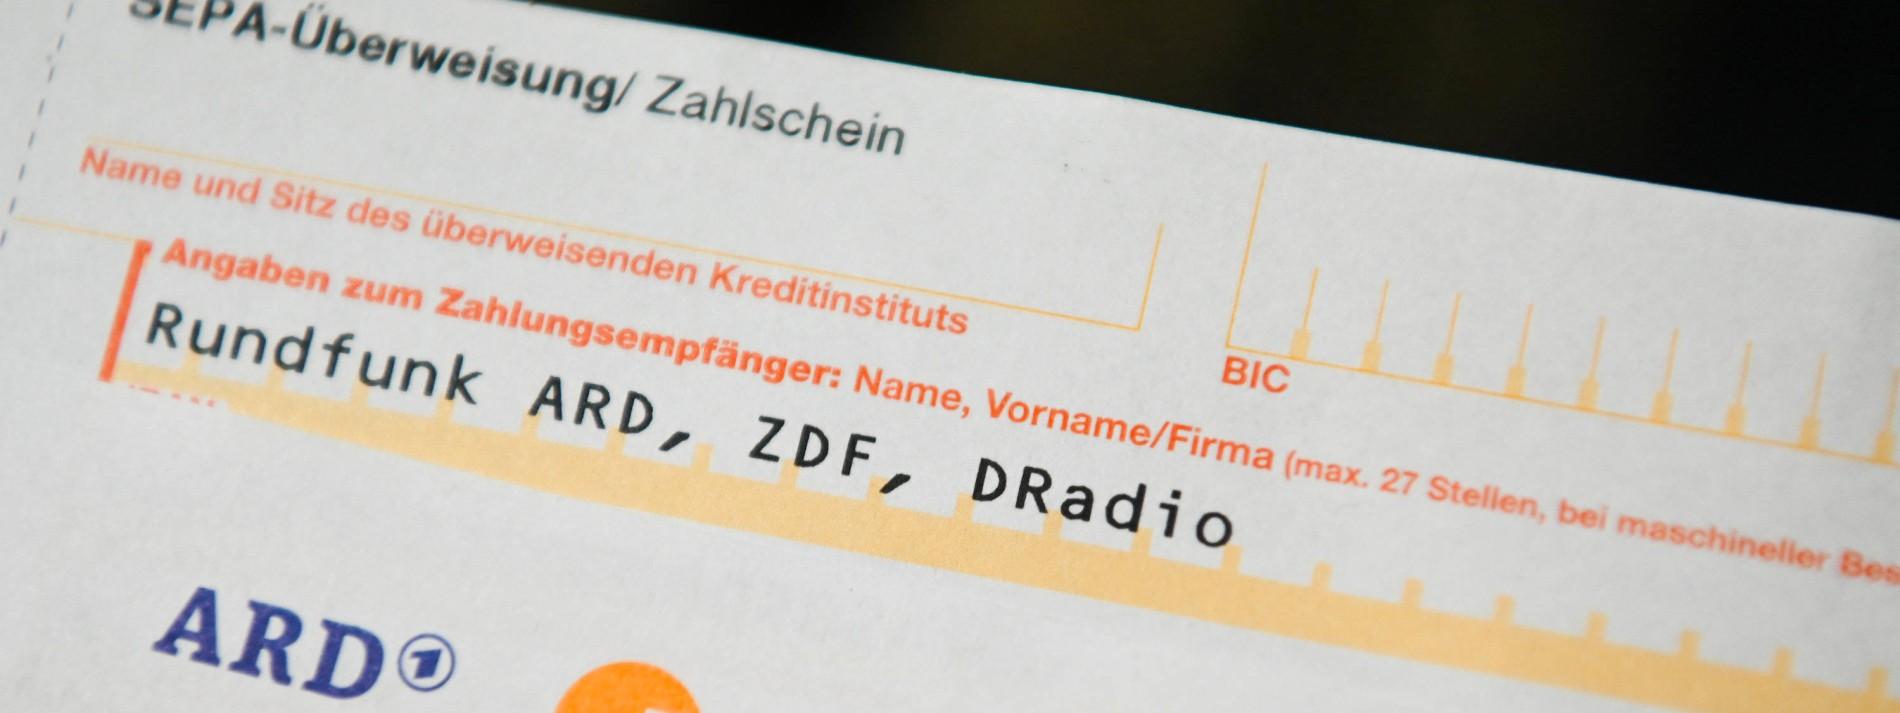 Landtag stimmt Rundfunkbeitragserhöhung zu